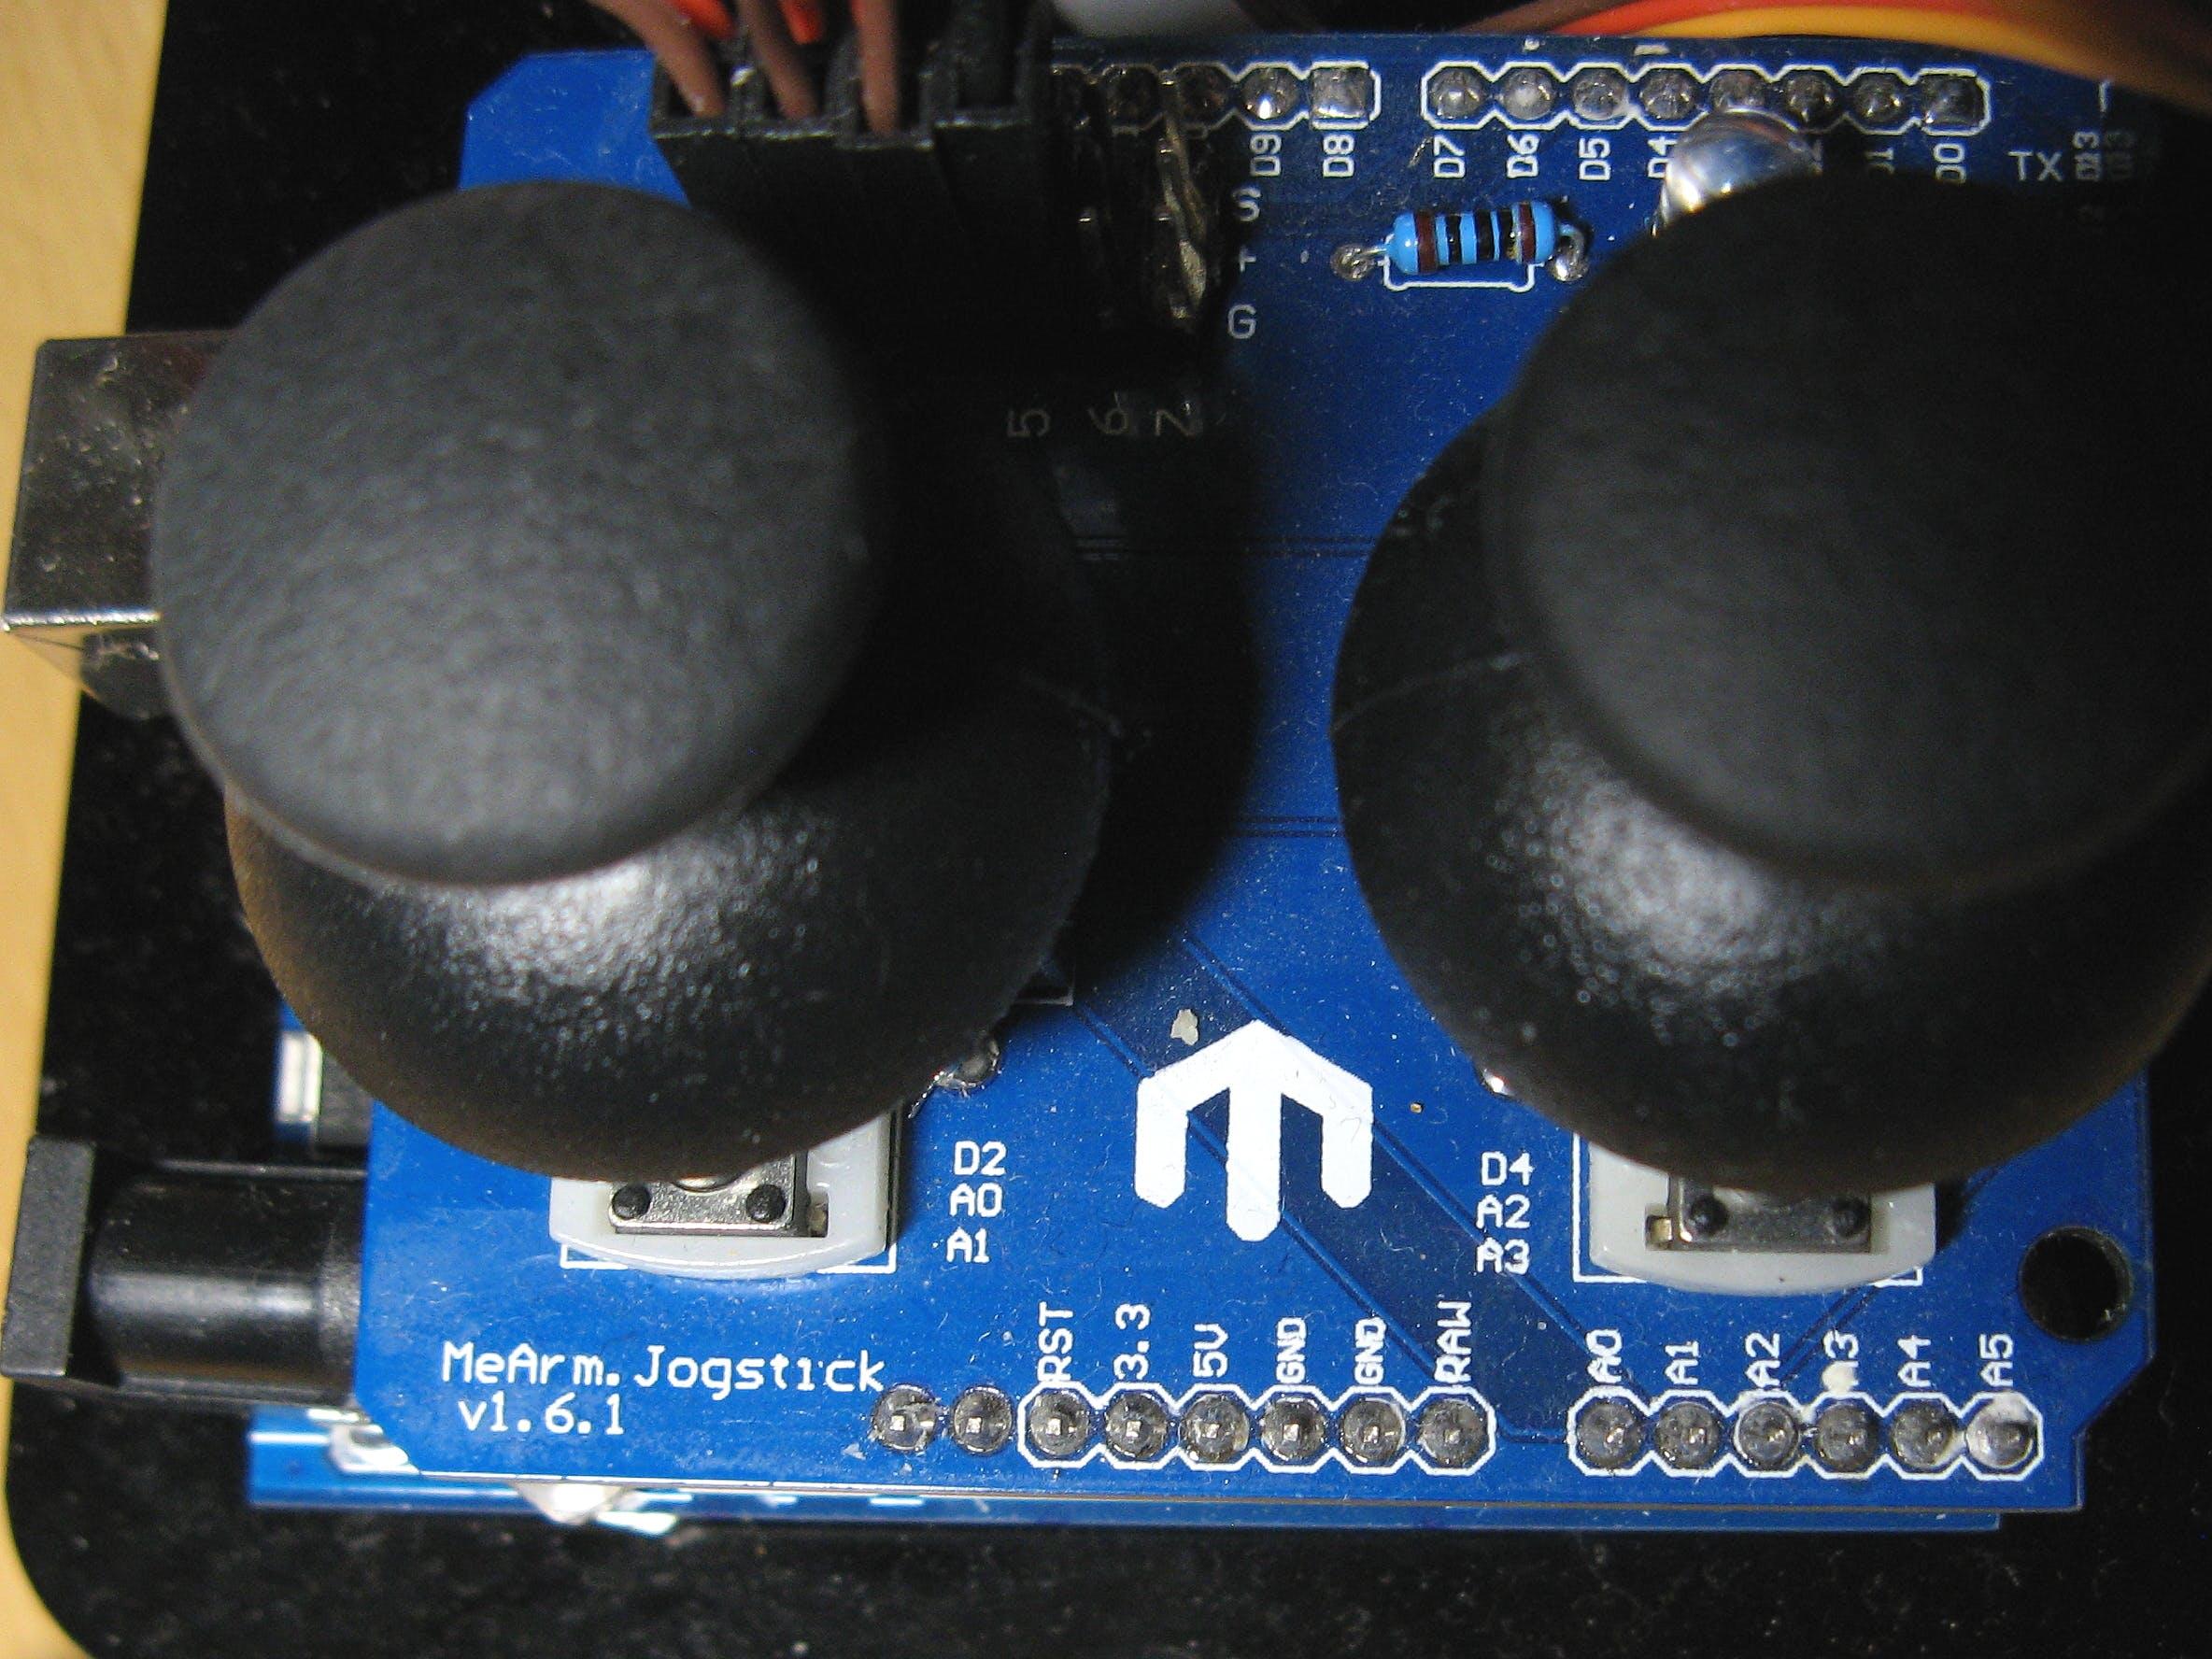 Joystick board MeArm v1.6.1